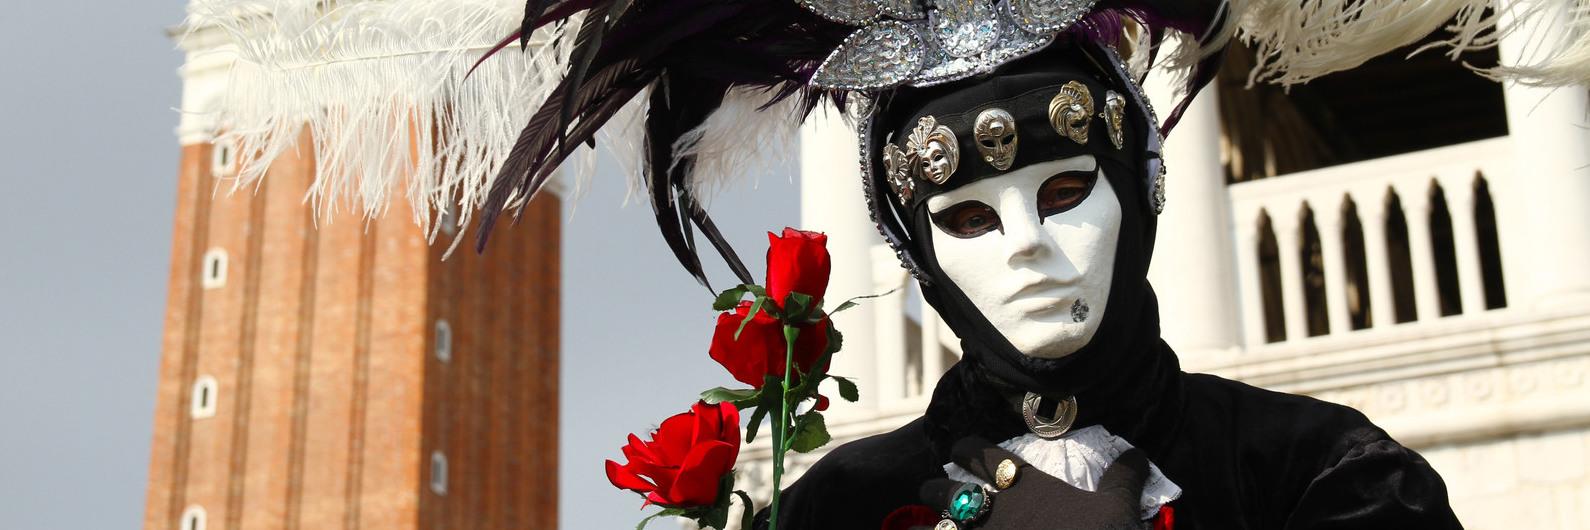 Sabia que pode participar no Carnaval de Veneza (e é grátis)?